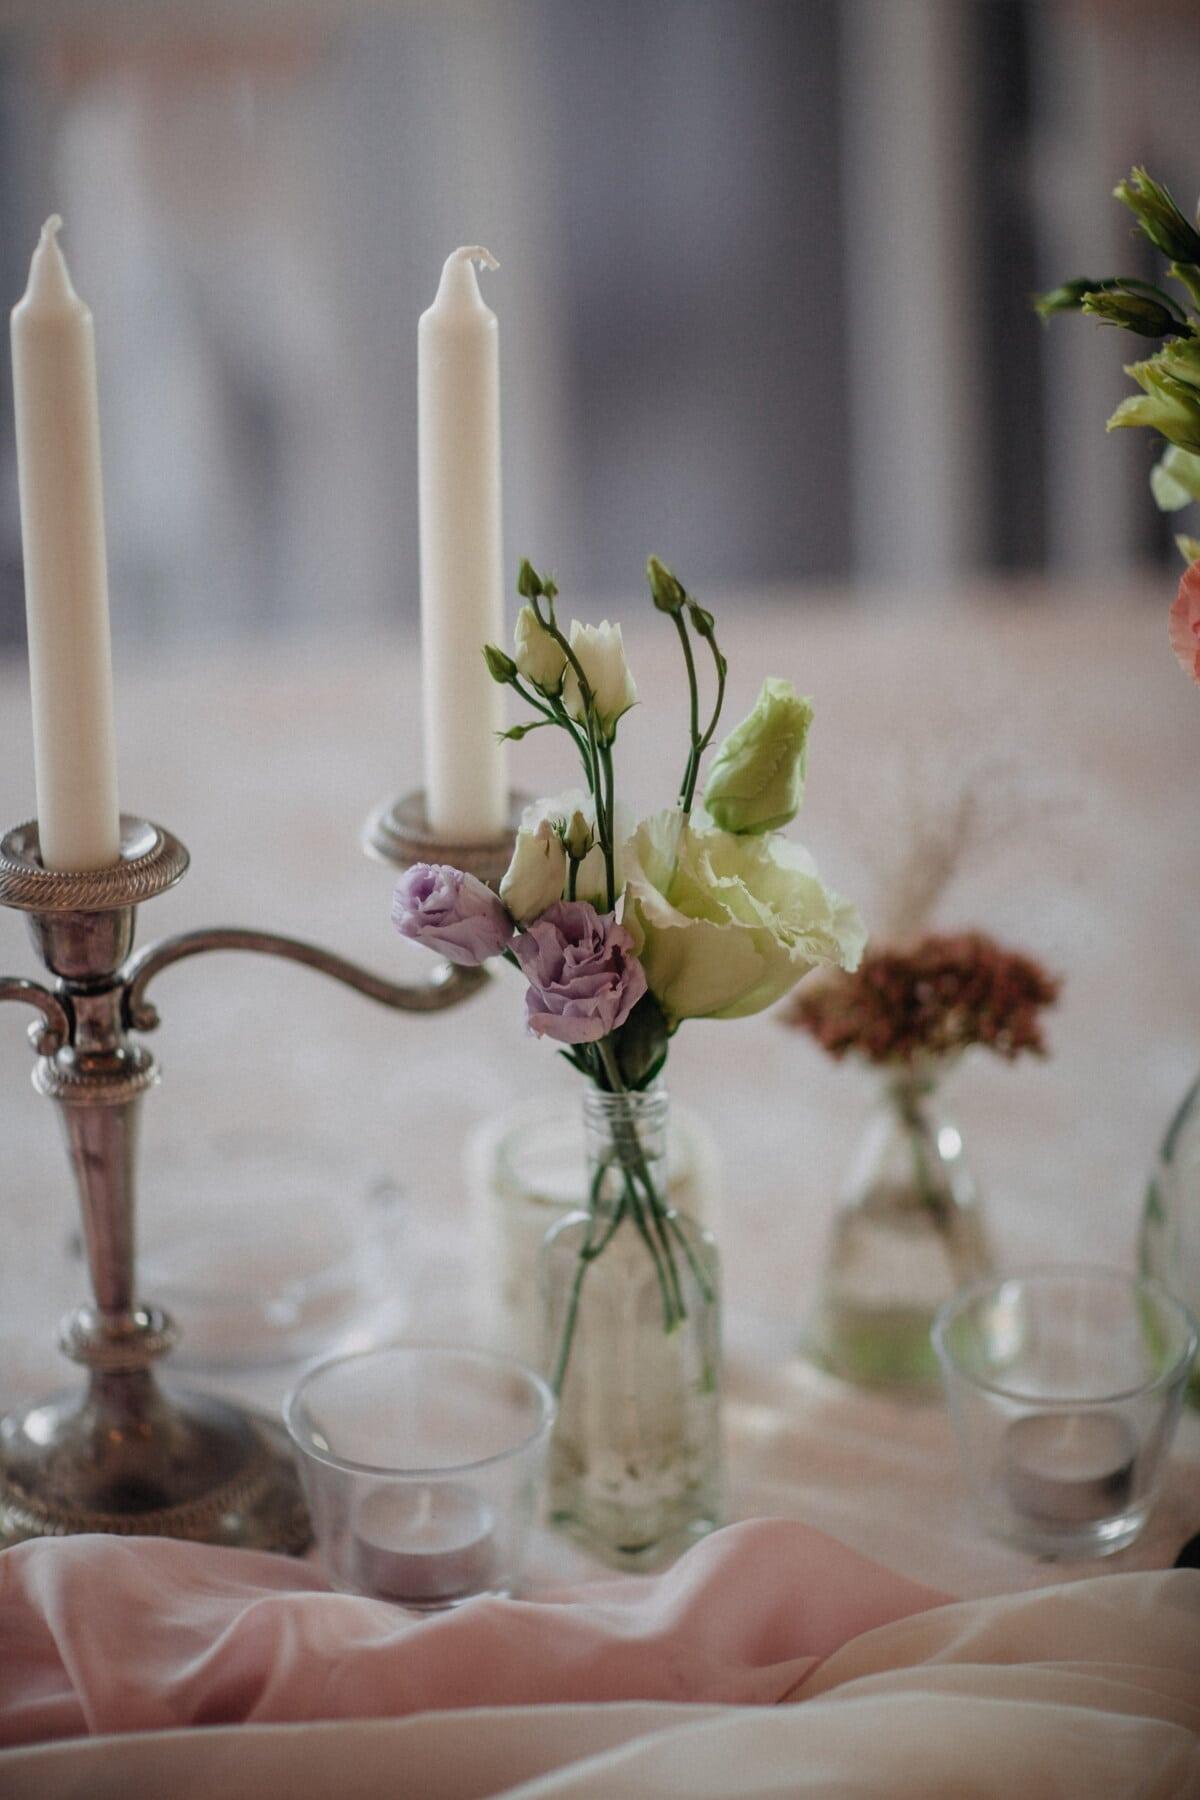 bougies, blanc, chandelier, fantaisie, Silver, élégant, bougie, verre, nature morte, fleur